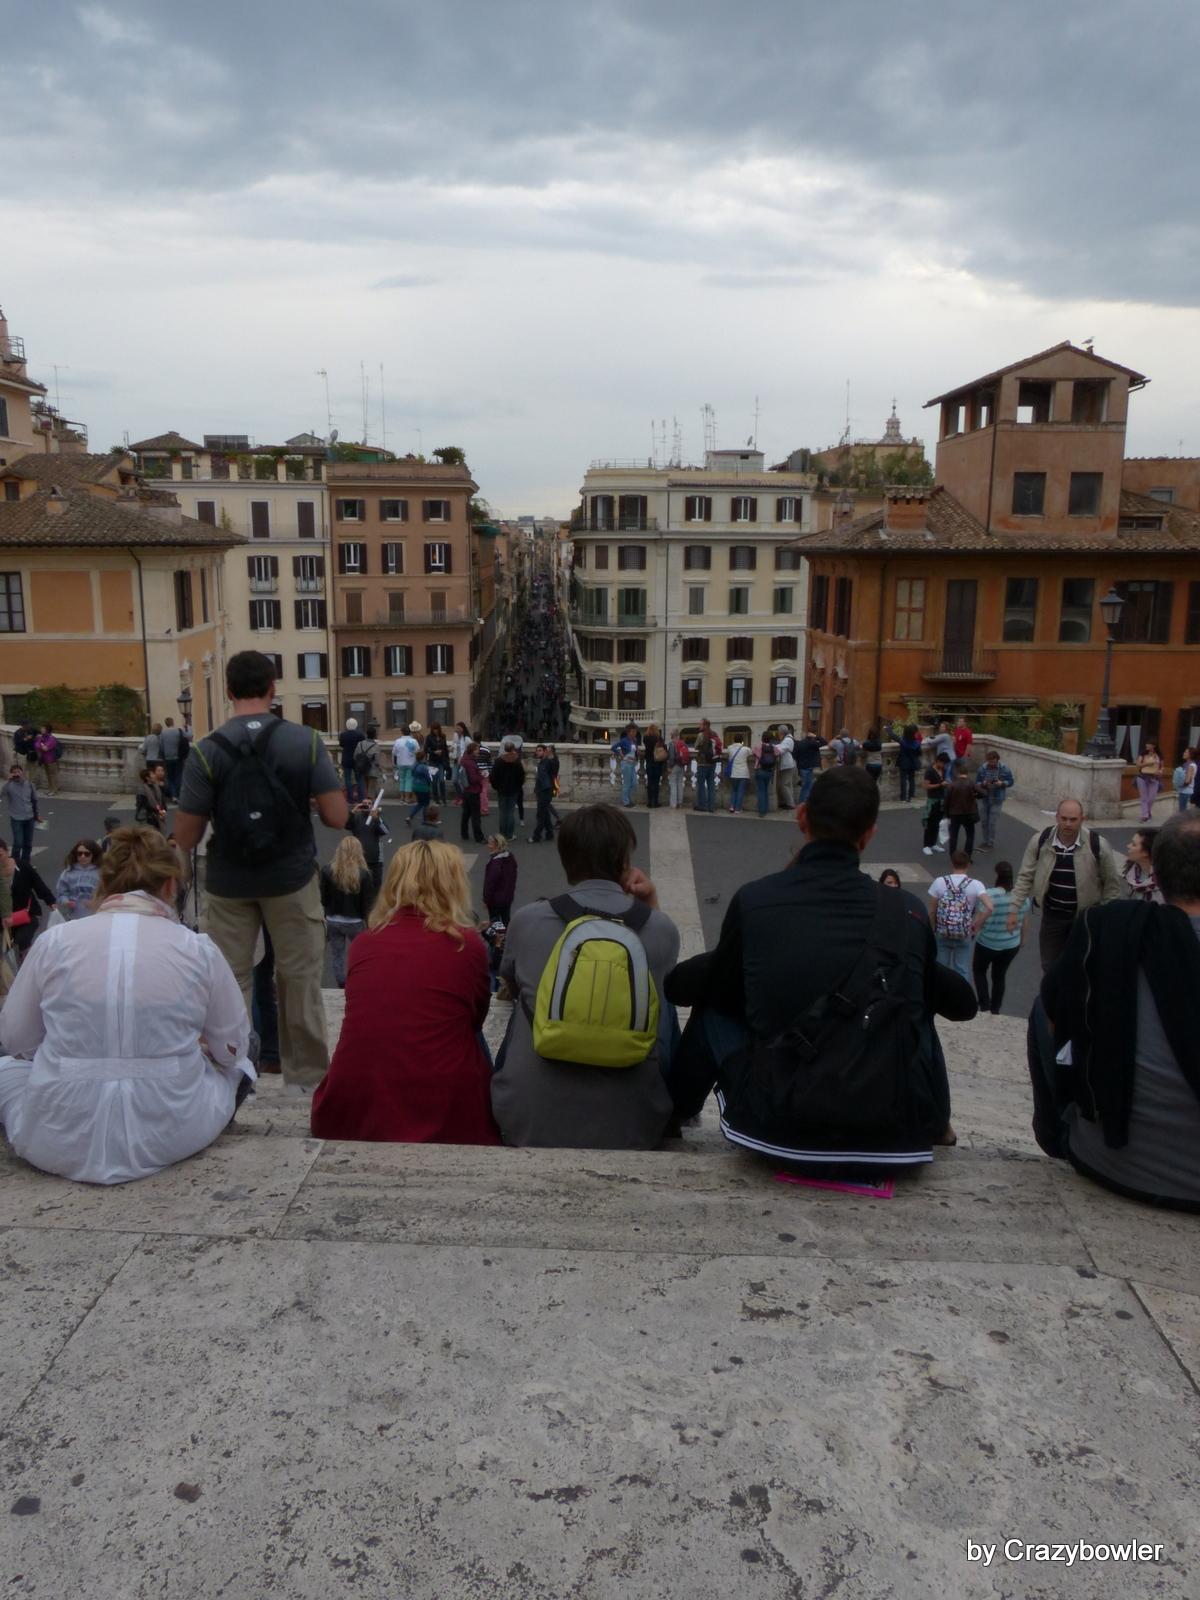 スペイン広場(Piazza di Spagna)【ローマフィールドワーク】